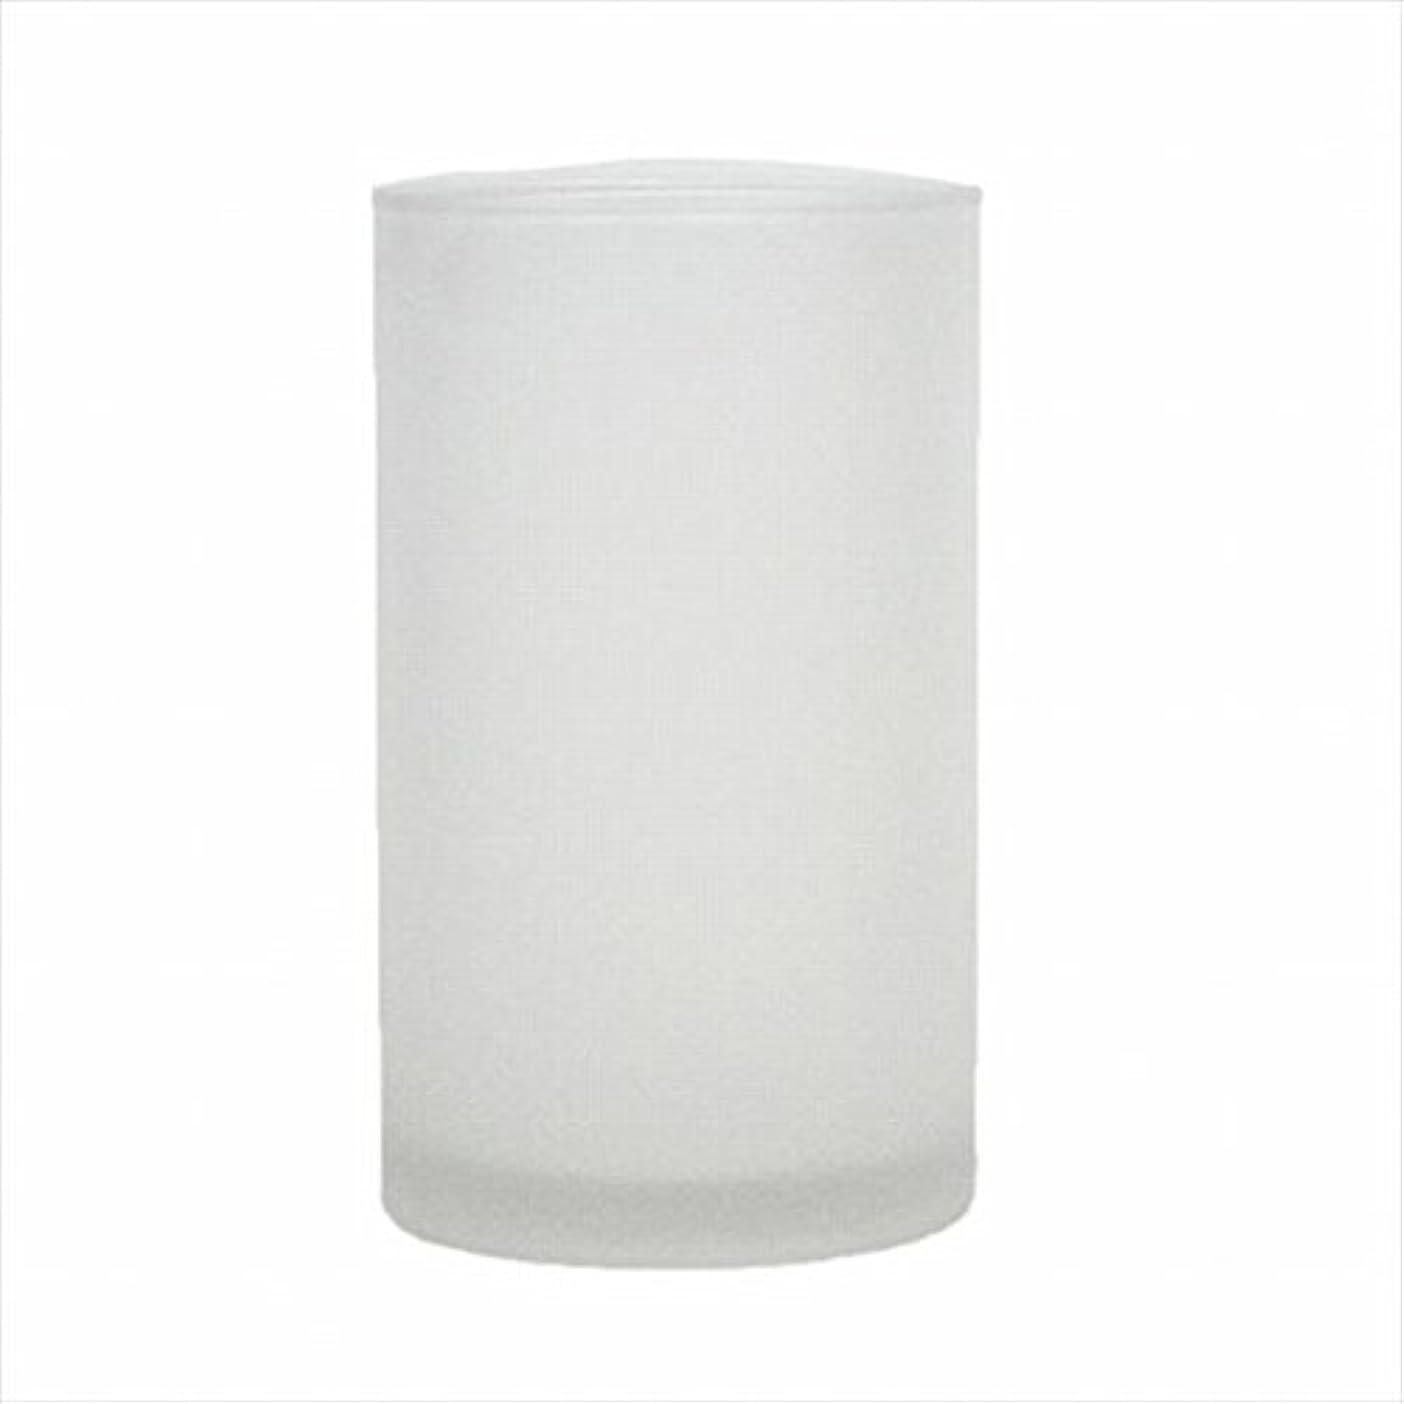 従う定常世代カメヤマキャンドル(kameyama candle) モルカグラスSフロスト